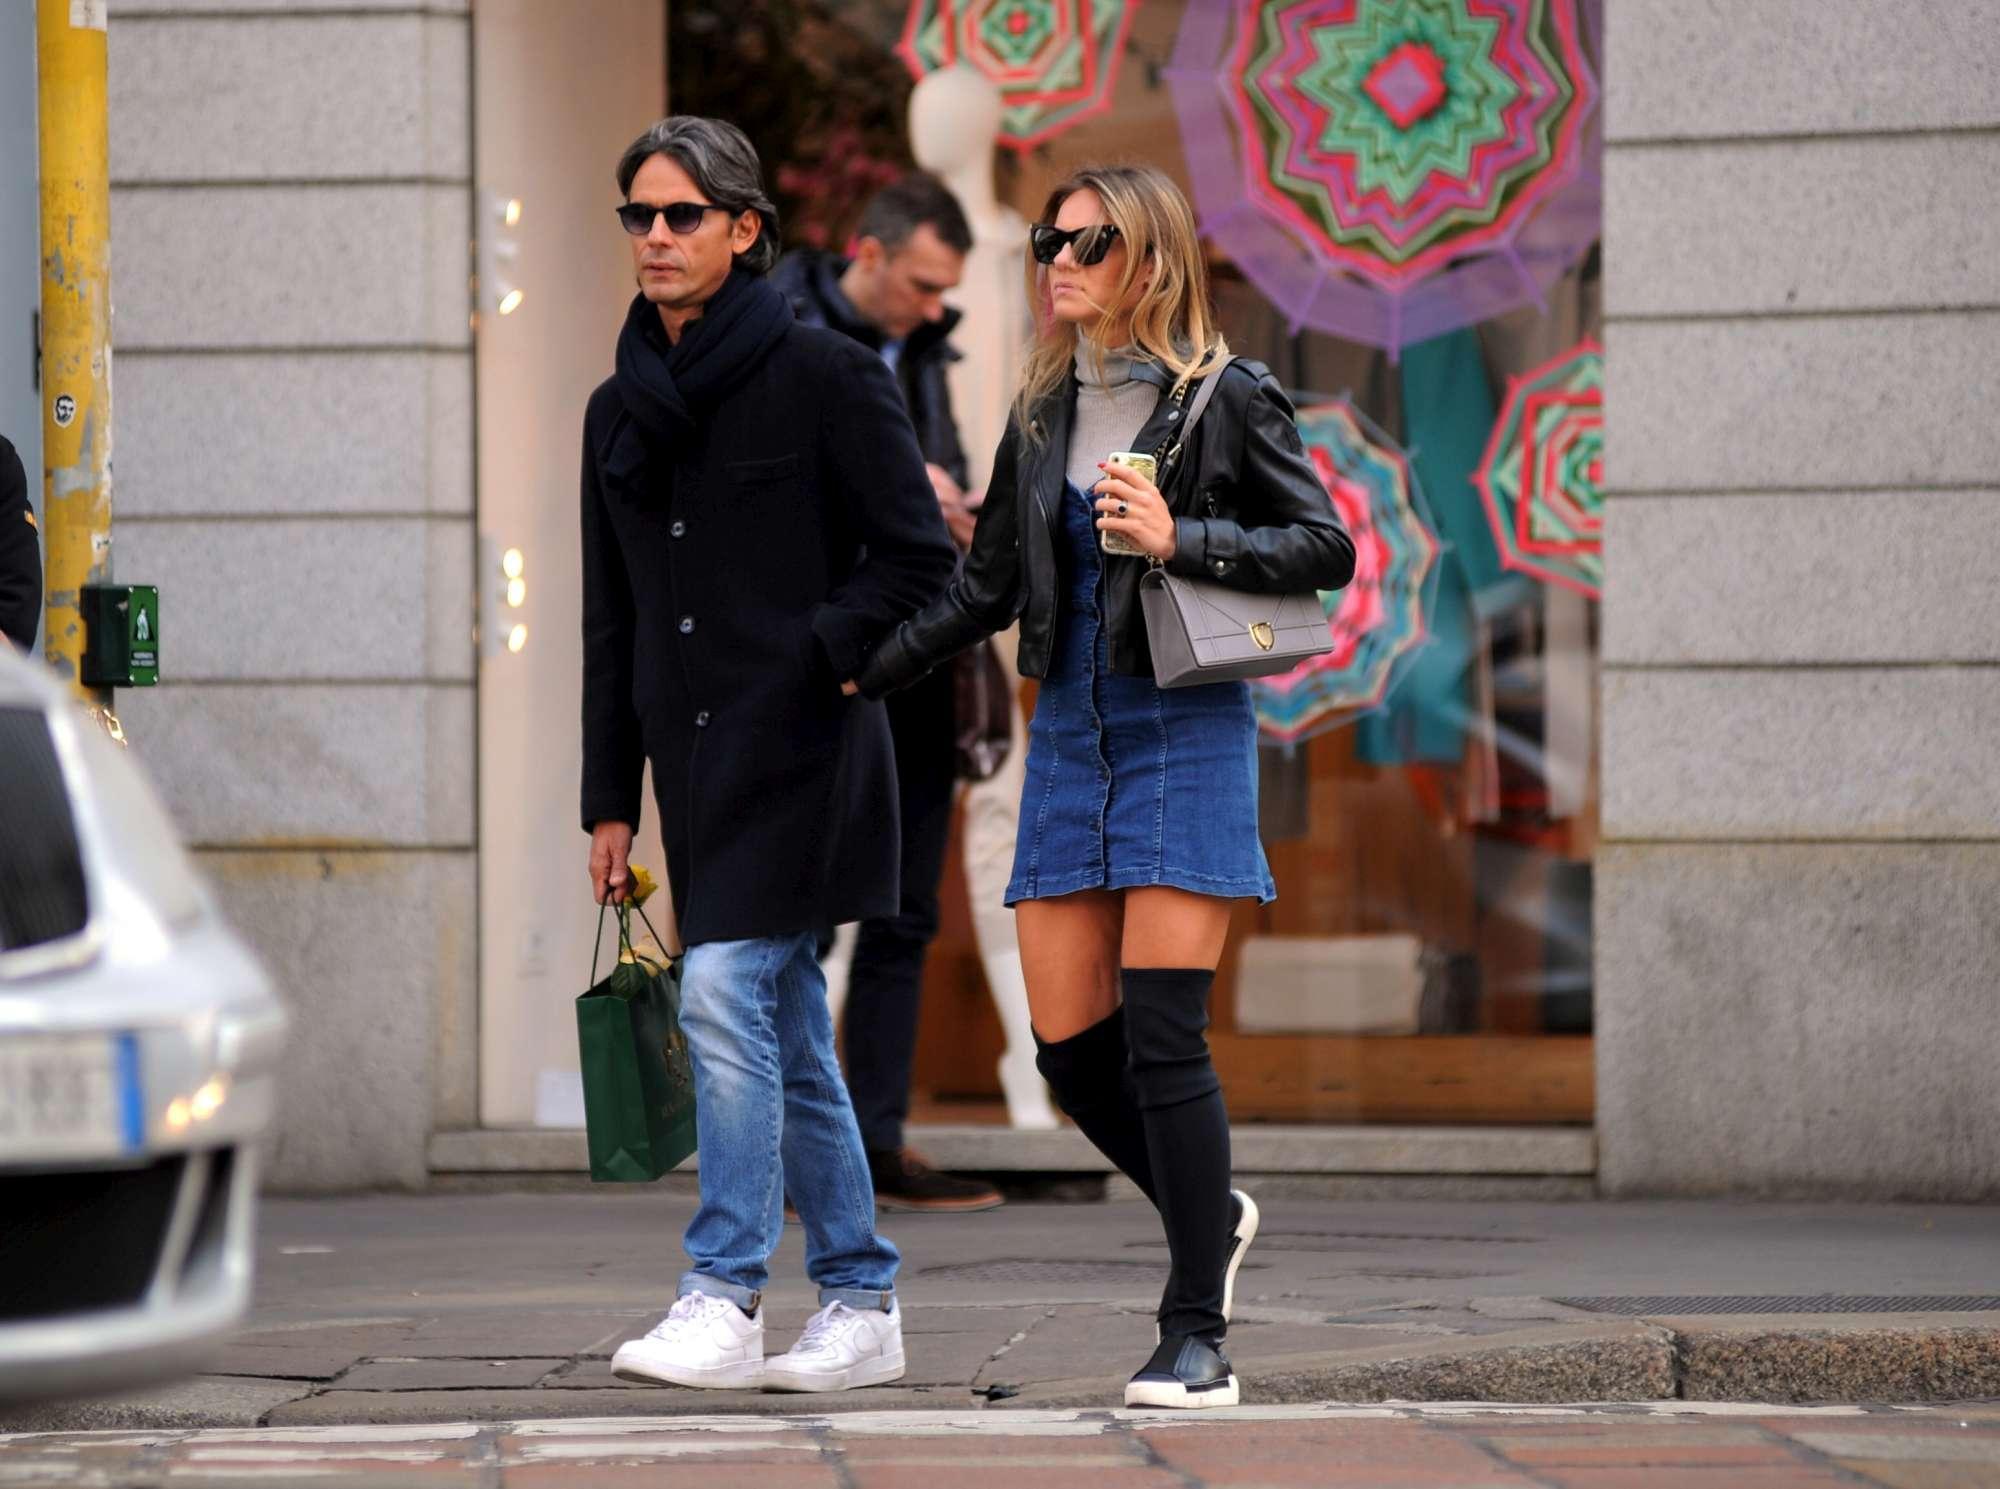 Filippo Inzaghi e Angela Robusti innamorati a Milano